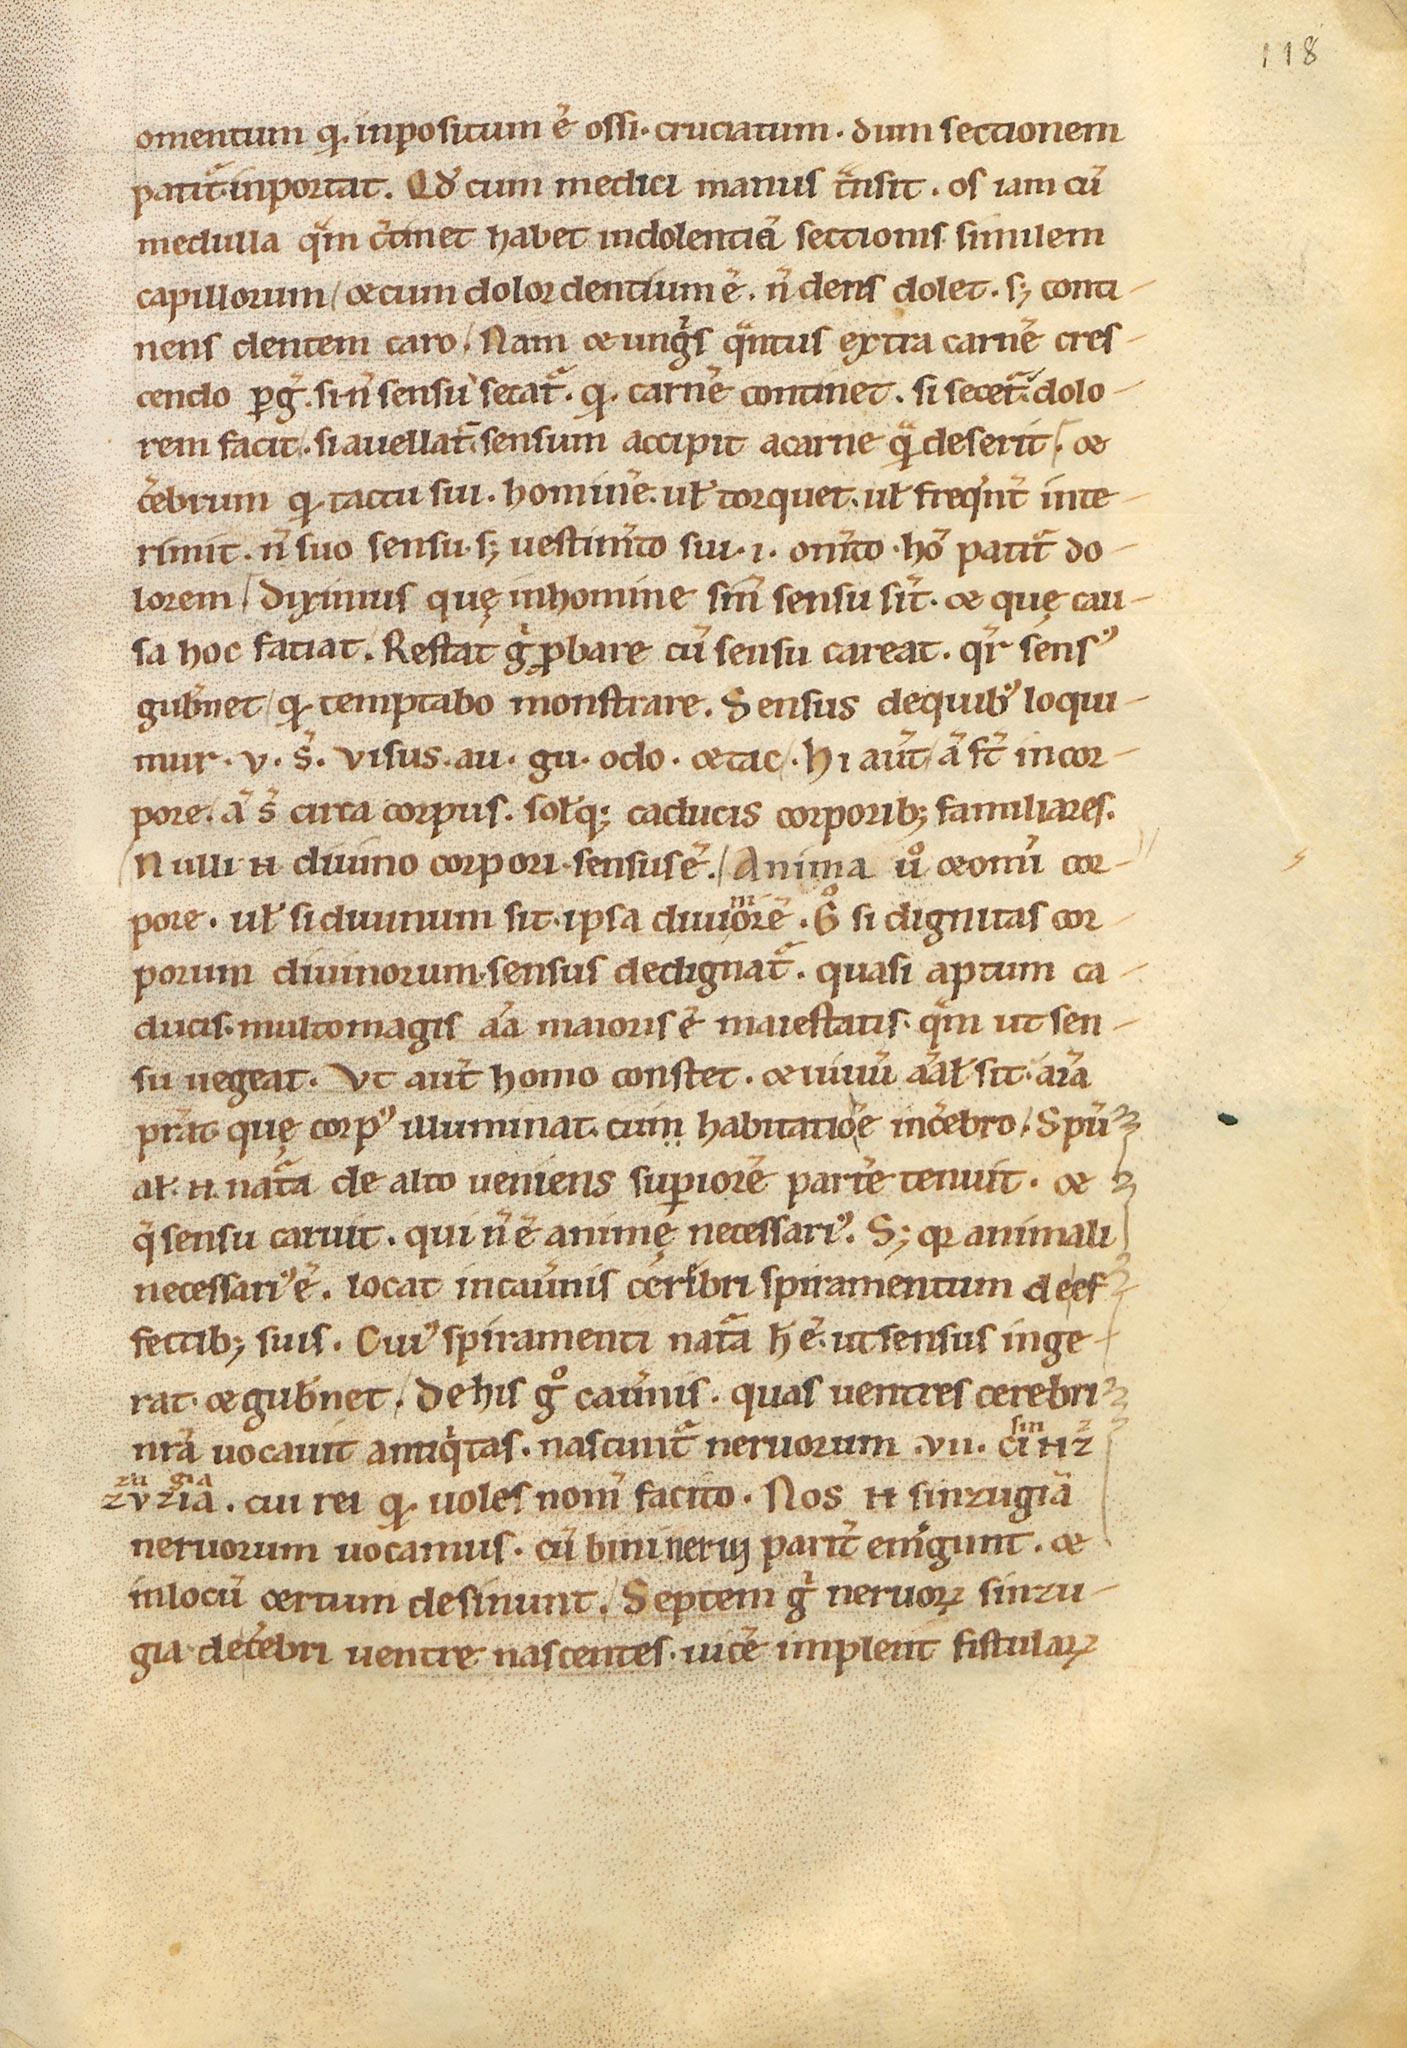 Manuscrit-Saturnales-118r°